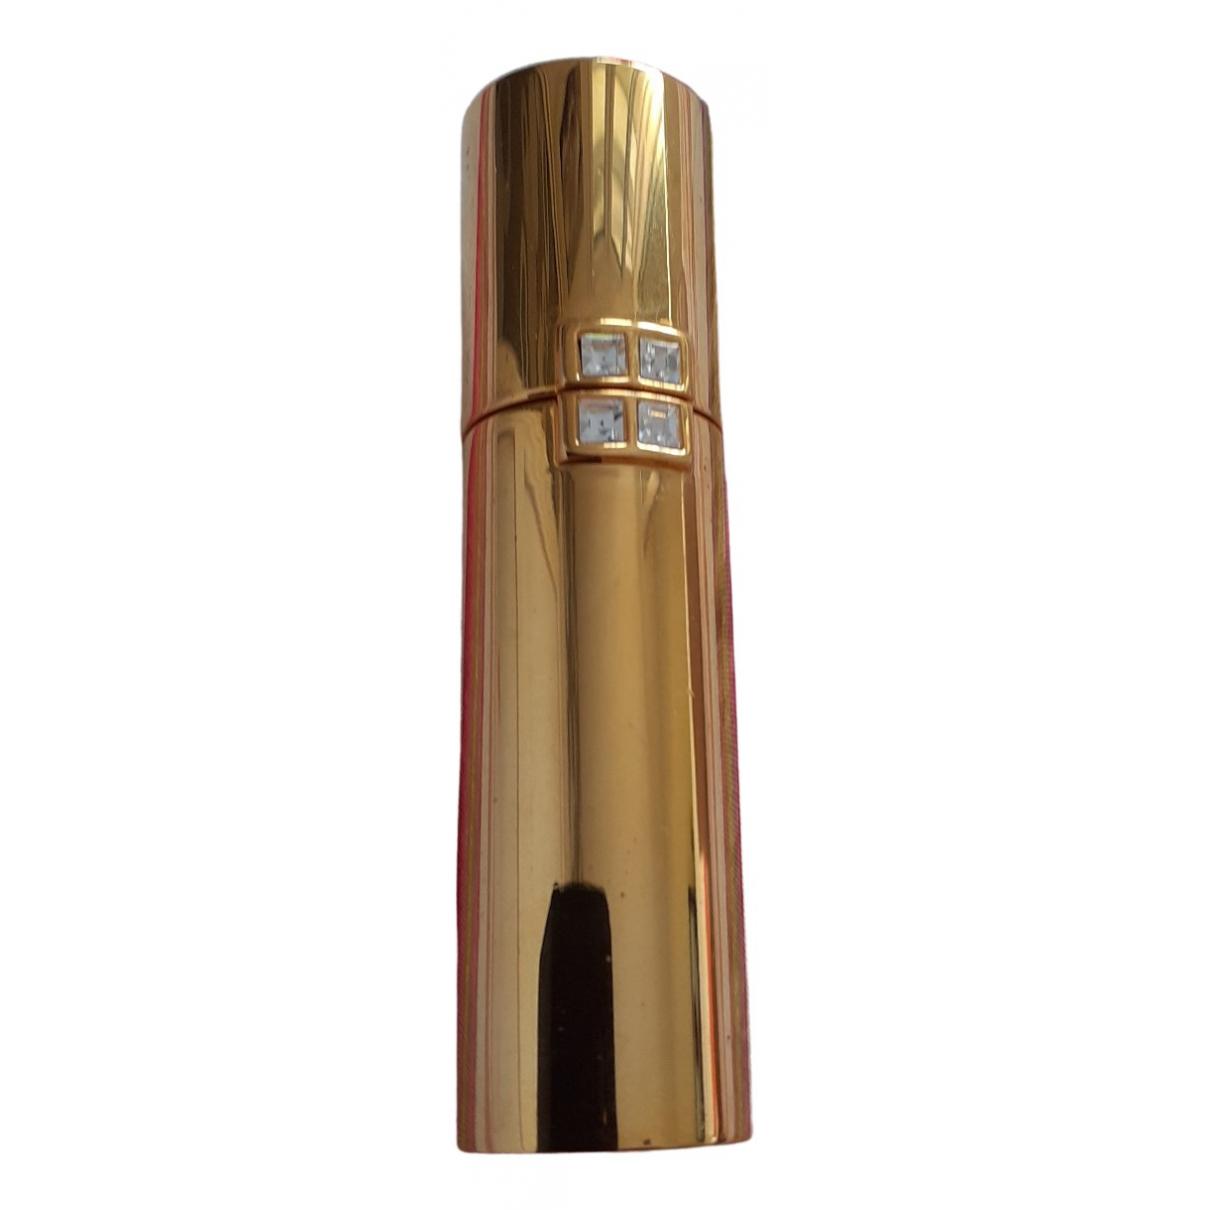 Van Cleef & Arpels \N Taschenschmuck in  Gold Metall